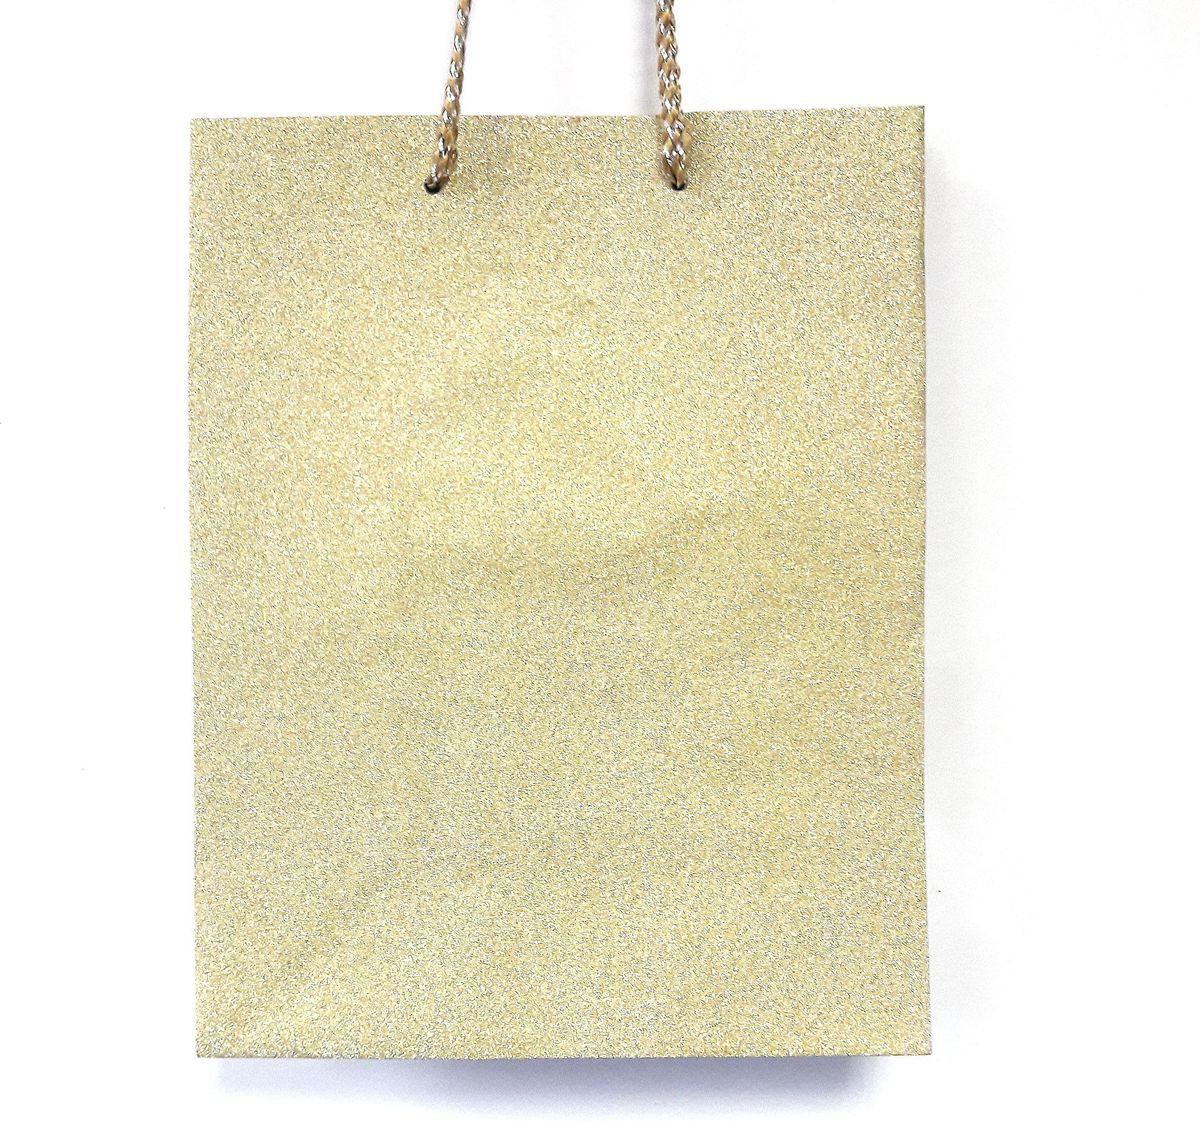 Пакет подарочный Яркий Праздник Однотонный, цвет: золотой, 17,8 х 22,9 х 10,2 см пакет подарочный яркий праздник однотонный цвет розовый 17 8 х 22 9 х 10 2 см